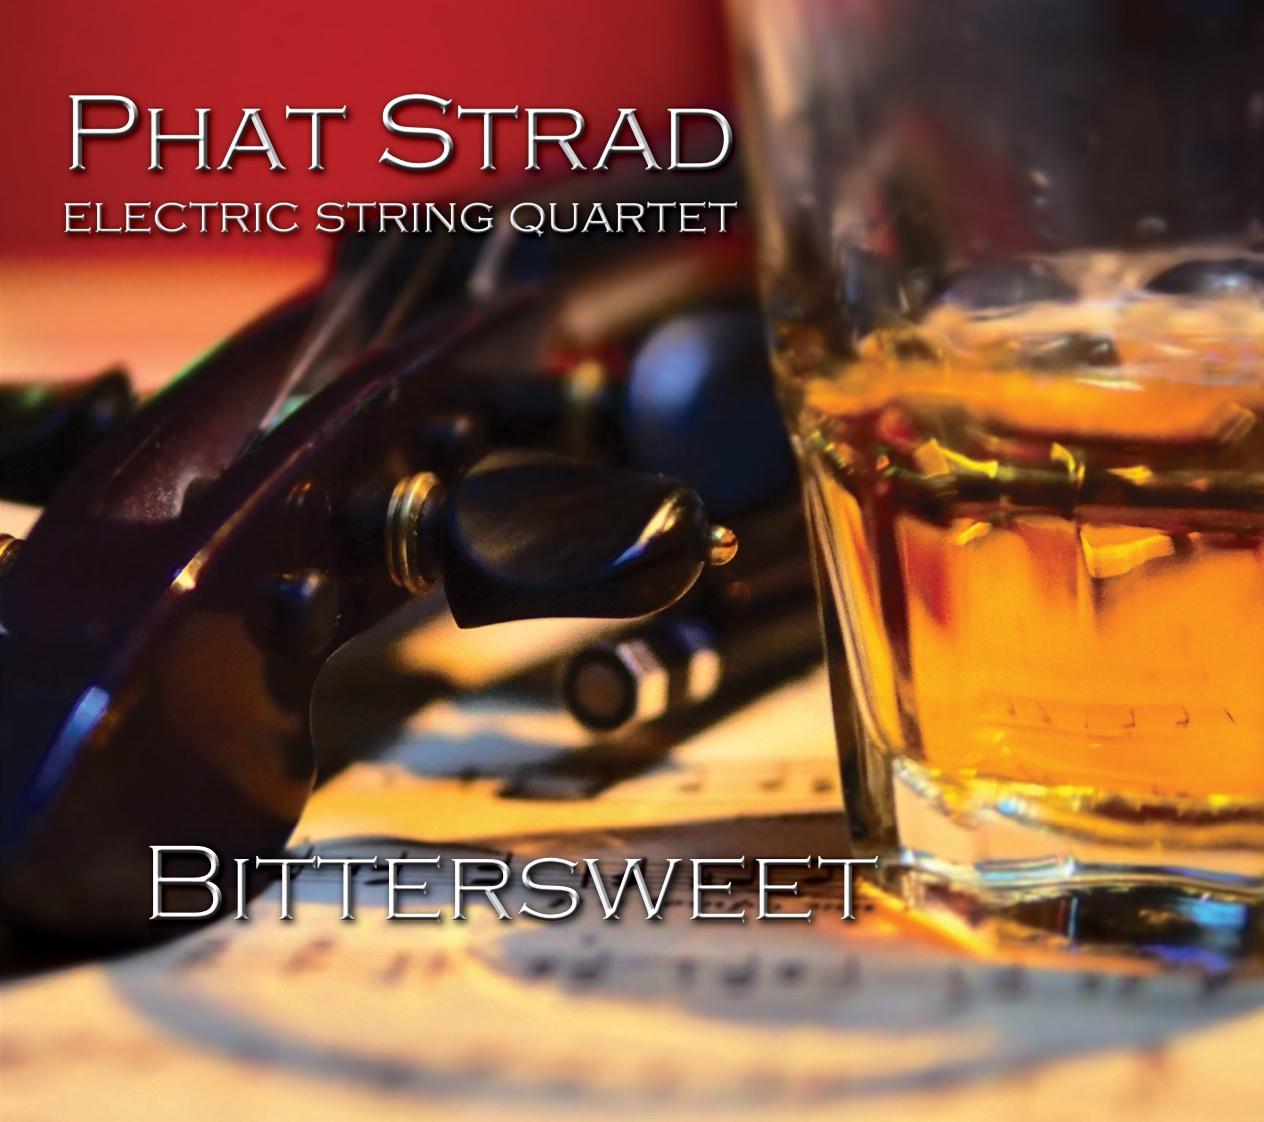 Phat Strad Bittersweet